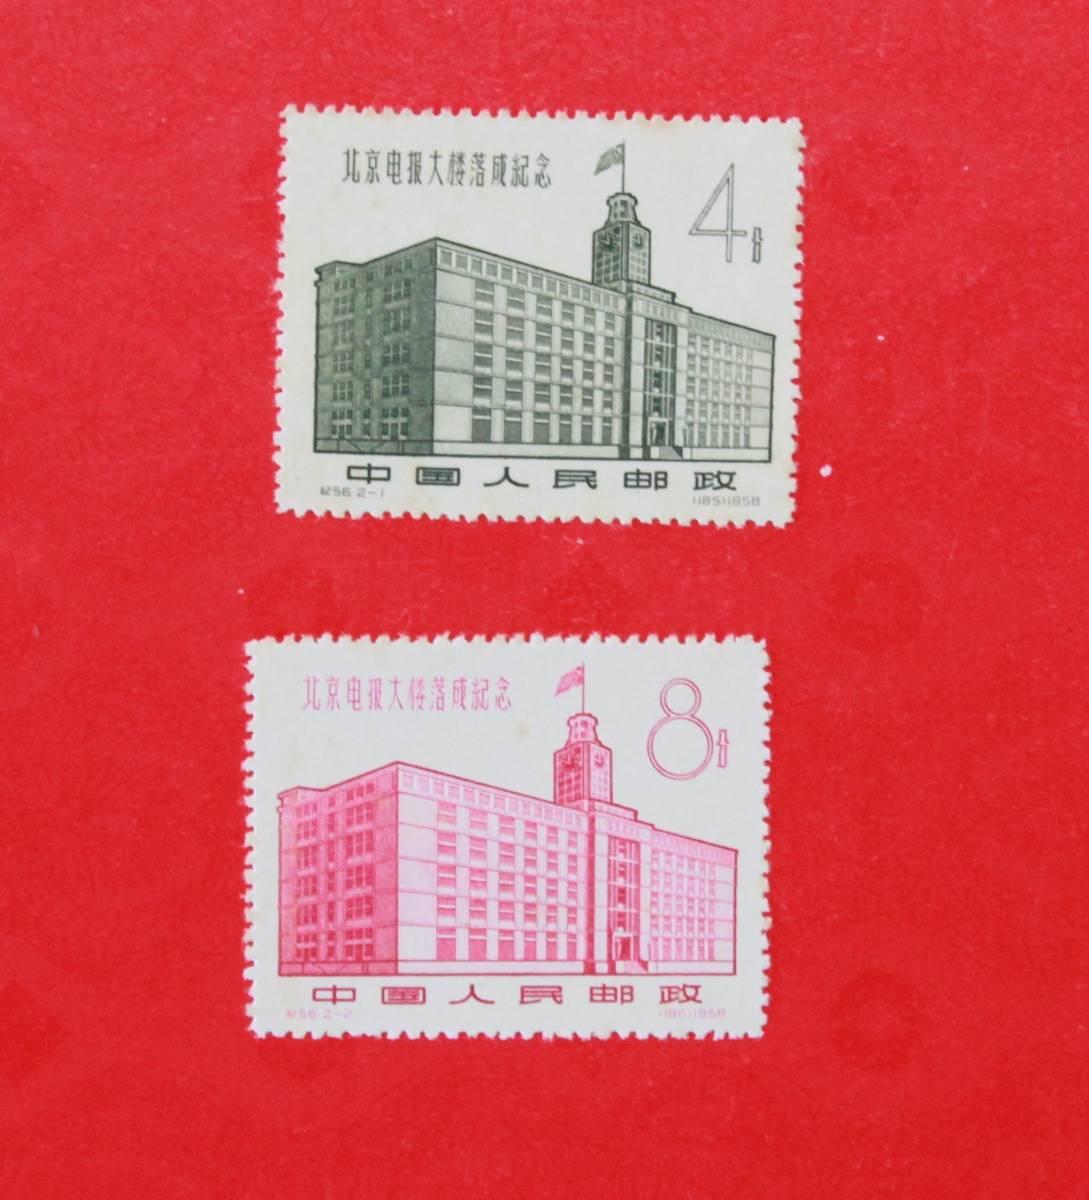 新品未使用★中国切手 紀56 北京電報ビル落成 2種完★_画像1